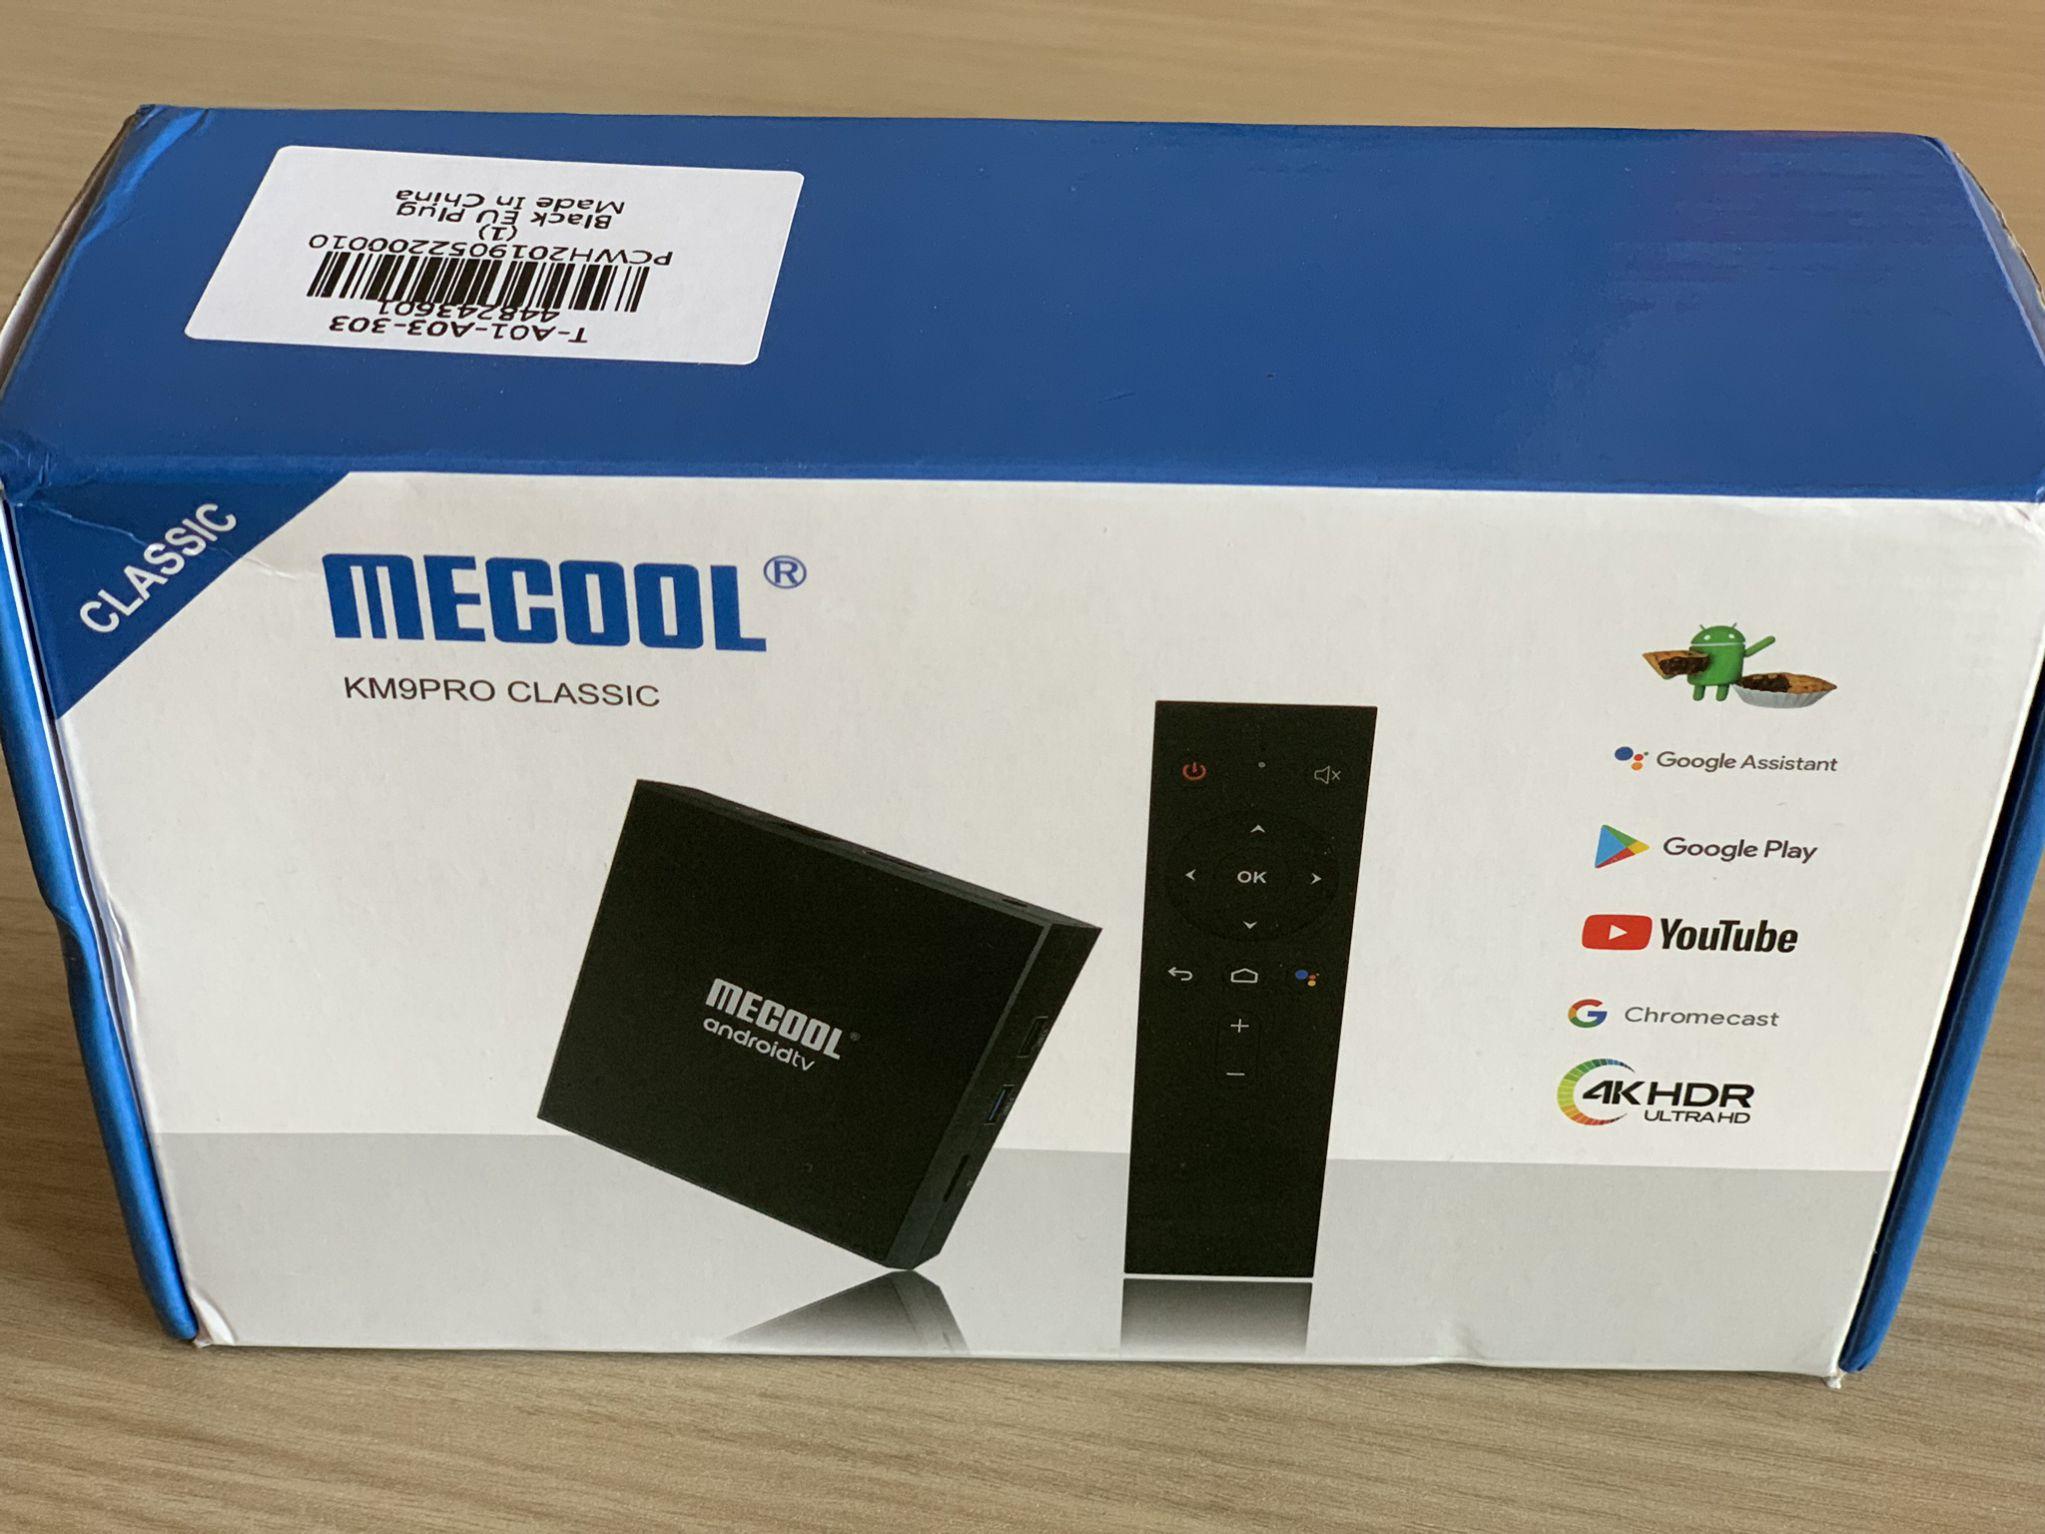 Miglior Box Tv 4k con Andorid 9.0: Mecool KM9 PRO in offerta